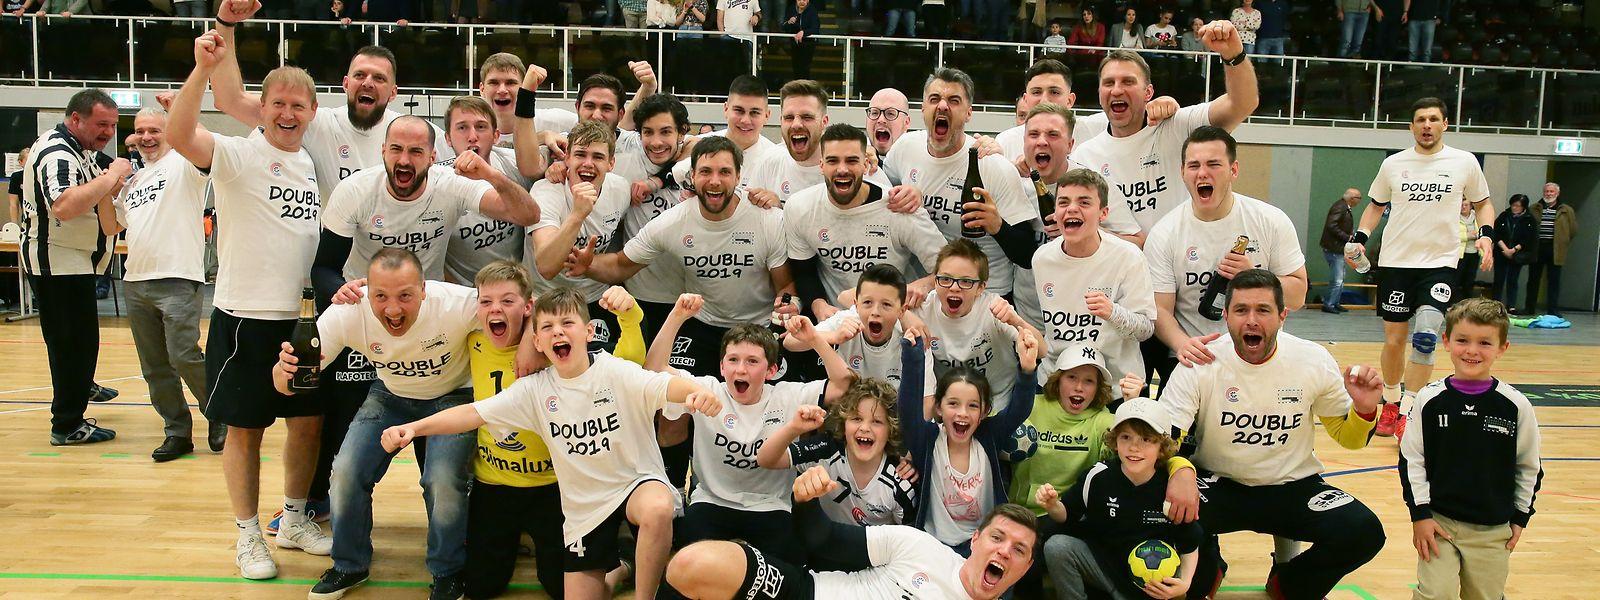 Seit der Fusion 2001 hat Esch neun Meisteritel geholt. Auf dem Foto feiern Spieler und Verantowrtliche den Erfolg der Saison 2018/19.